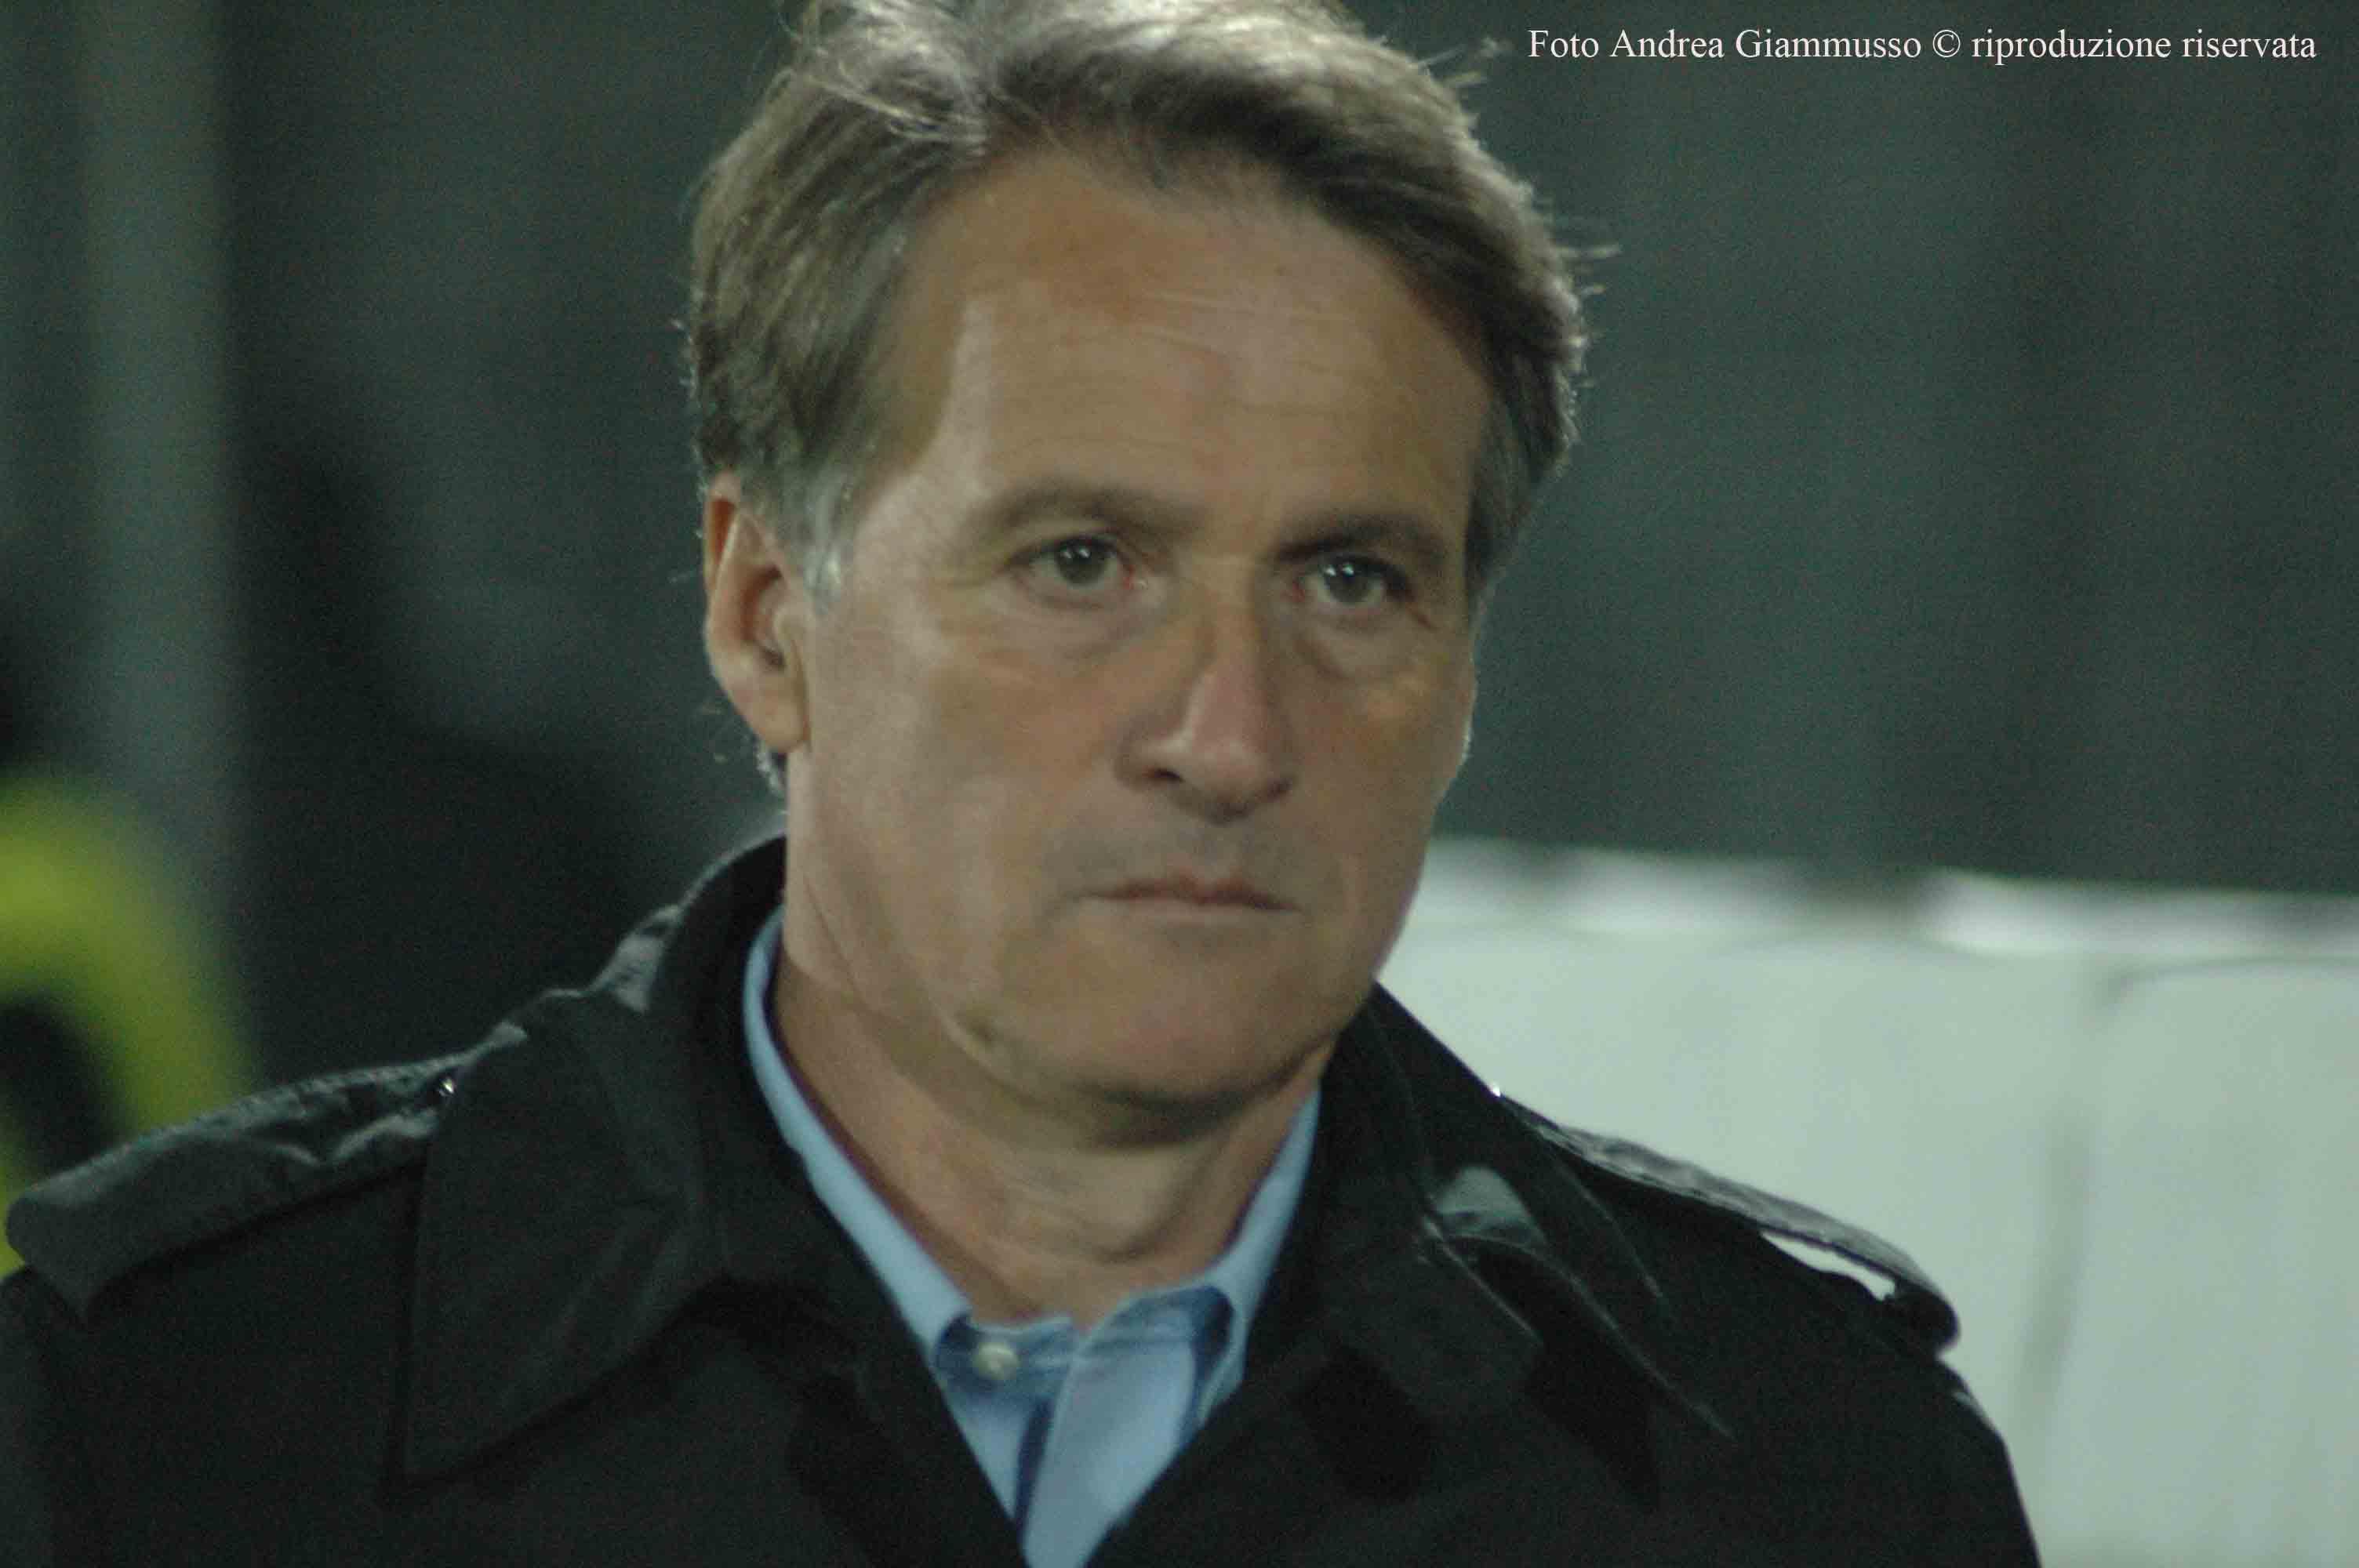 Attilio Tesser, amaro ritorno al Del Duca per il tecnico del Novara (foto Giammusso, riproduzione vietata)